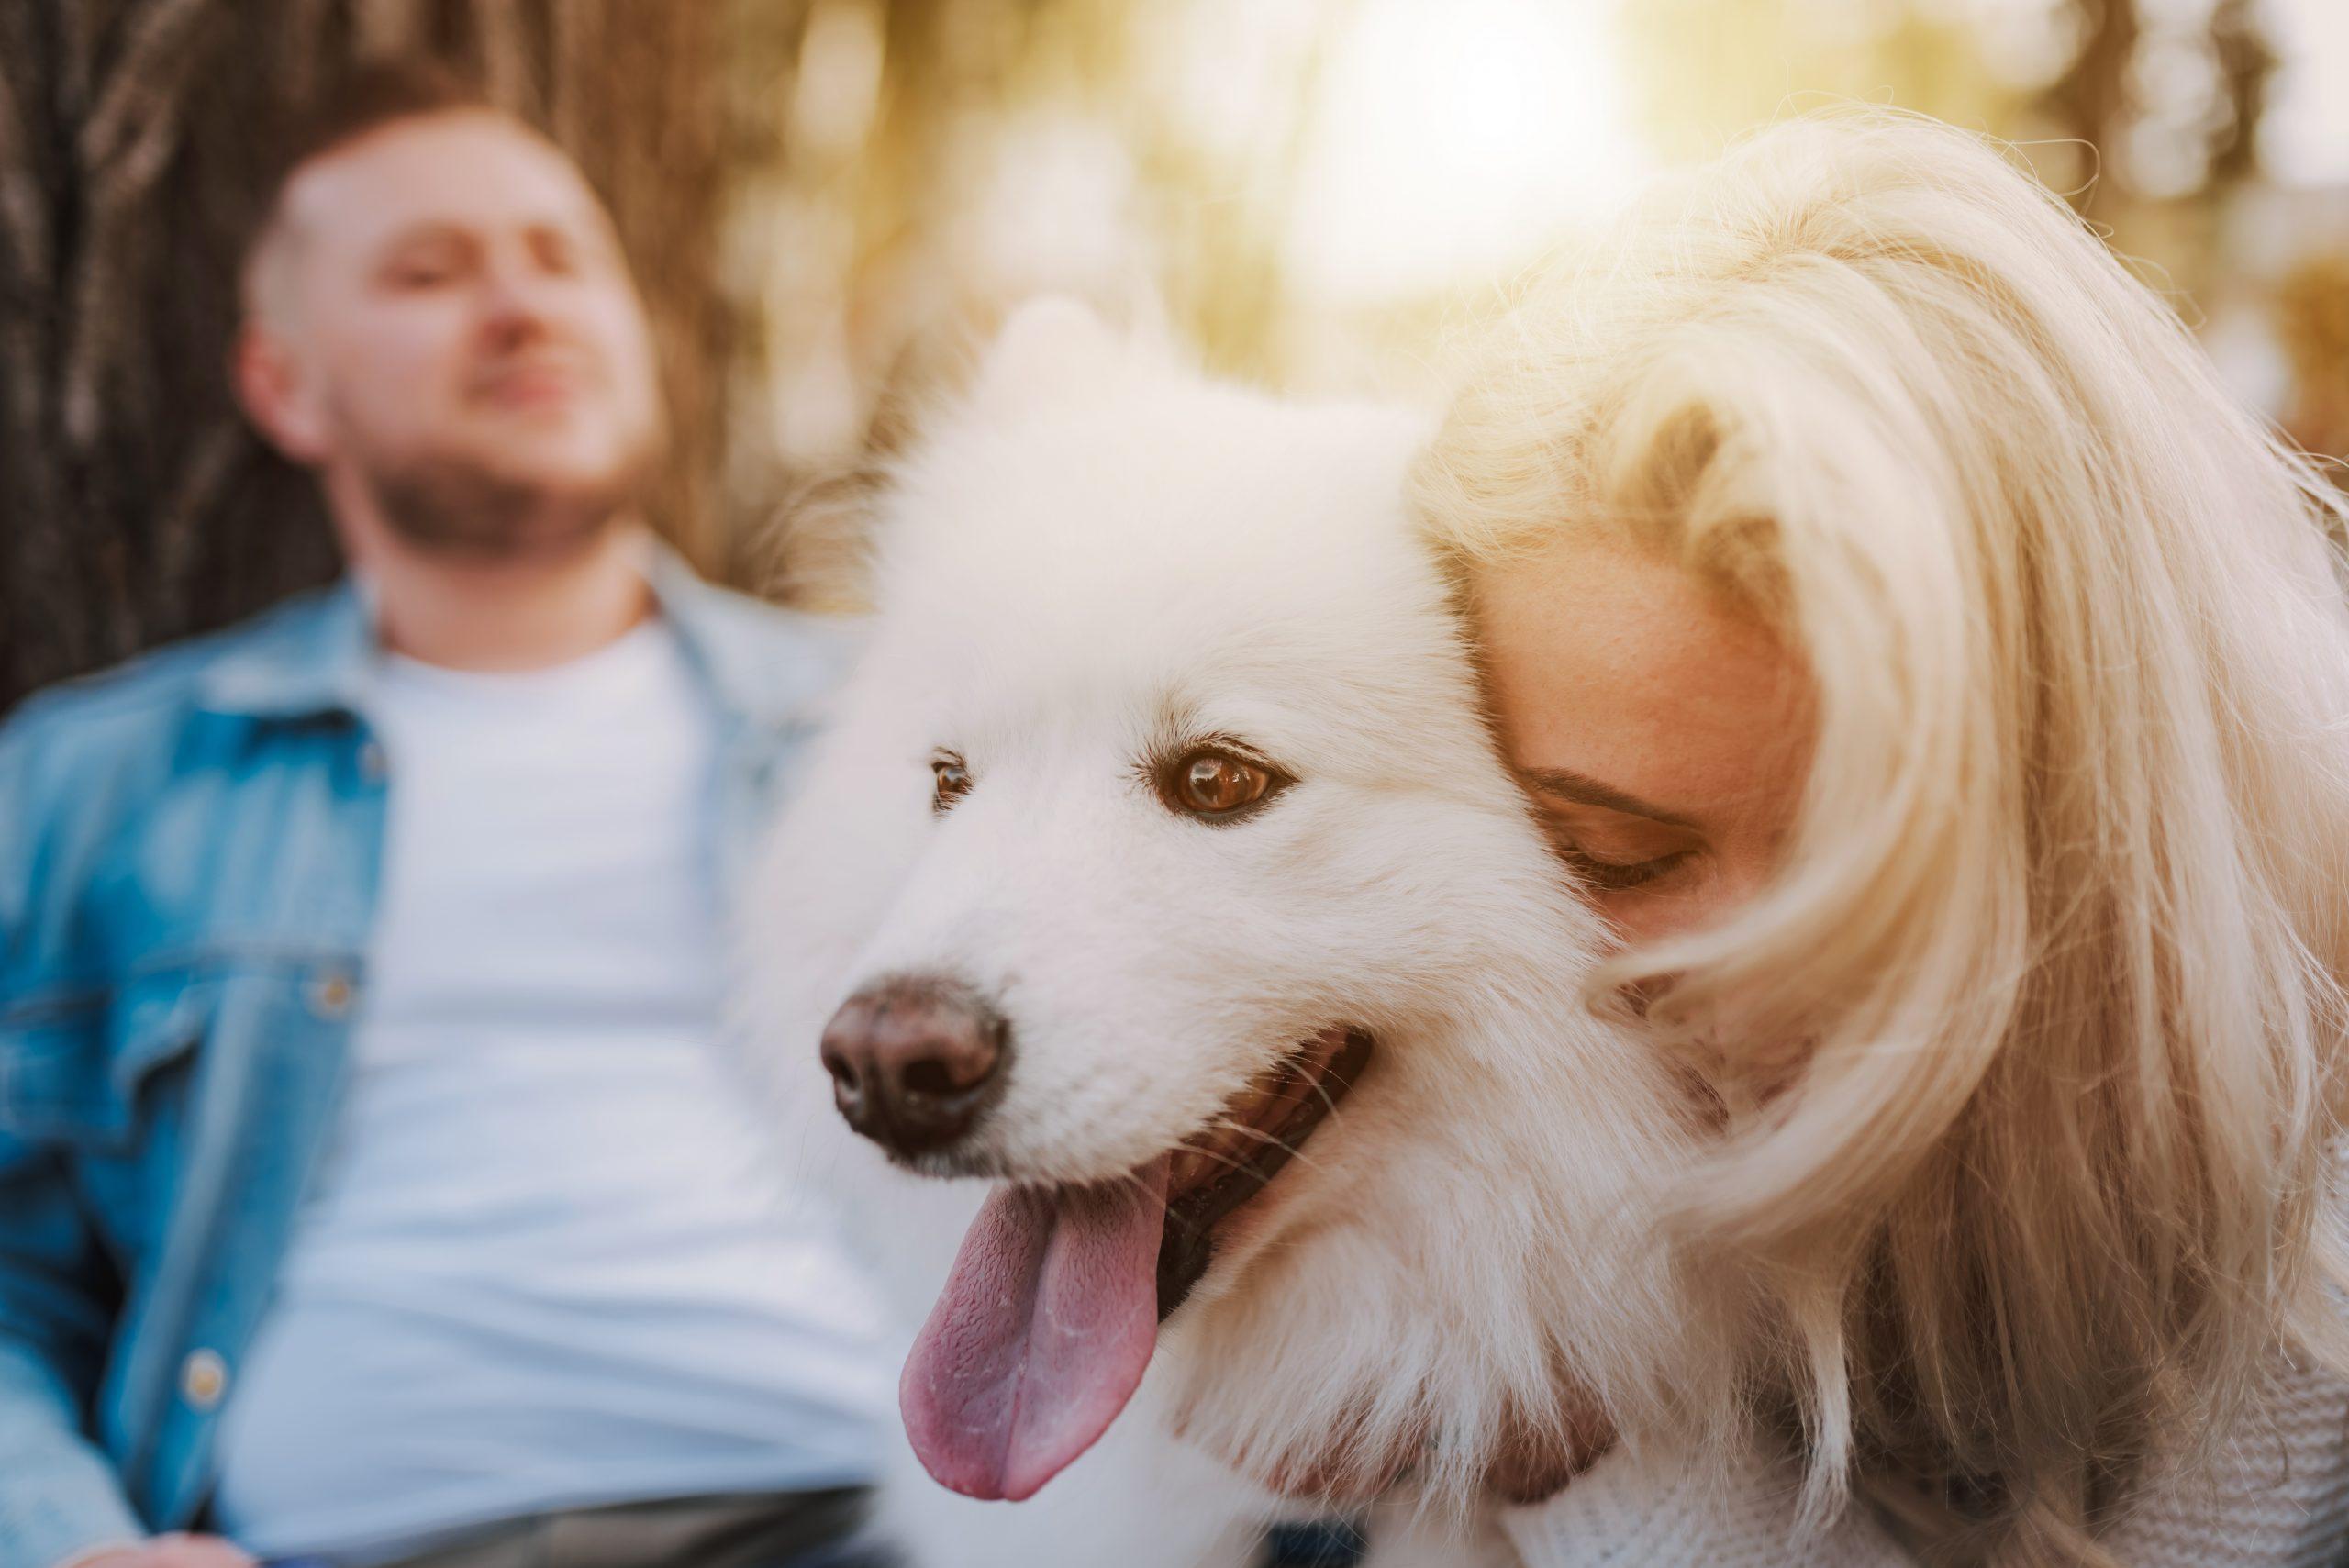 Dog Kidney Failure - When To Euthanize